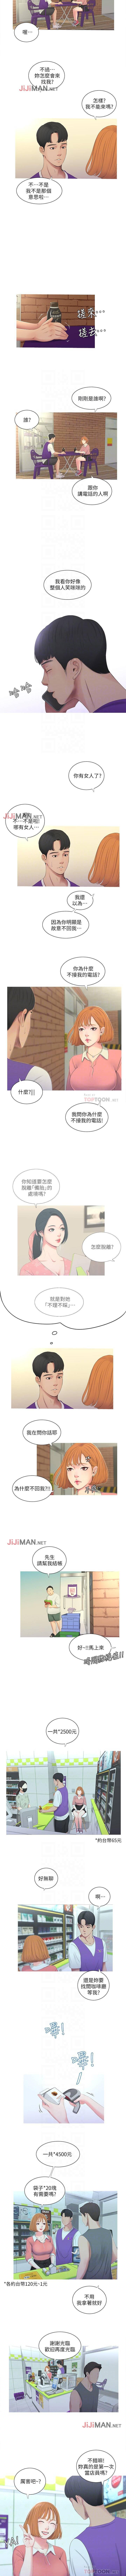 【周四连载】亲家四姐妹(作者:愛摸) 第1~31话 39